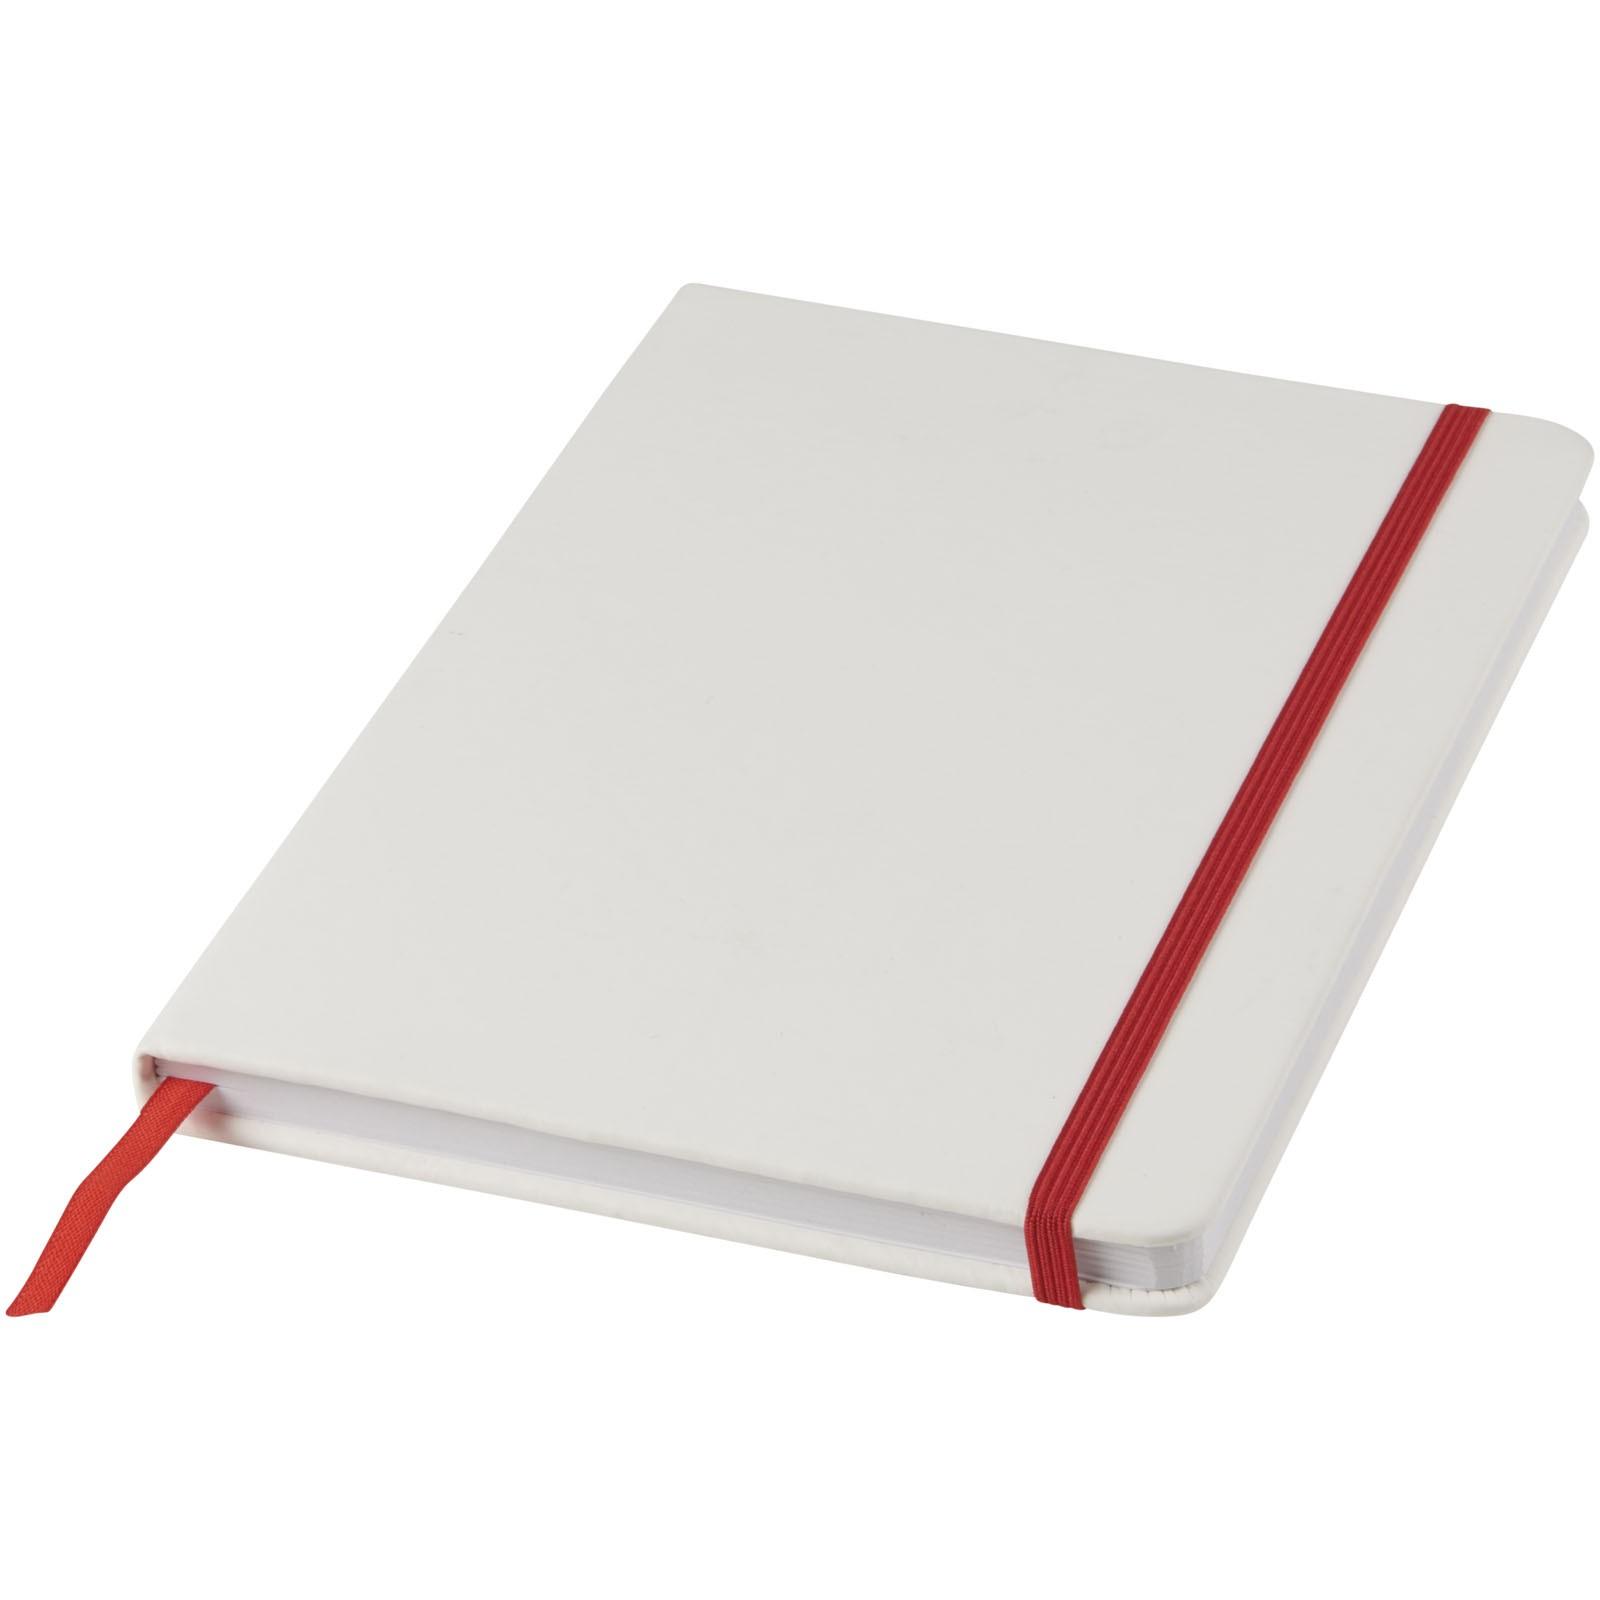 Bílý zápisník Spectrum A5 s barevnou páskou - Bílá / Červená s efektem námrazy